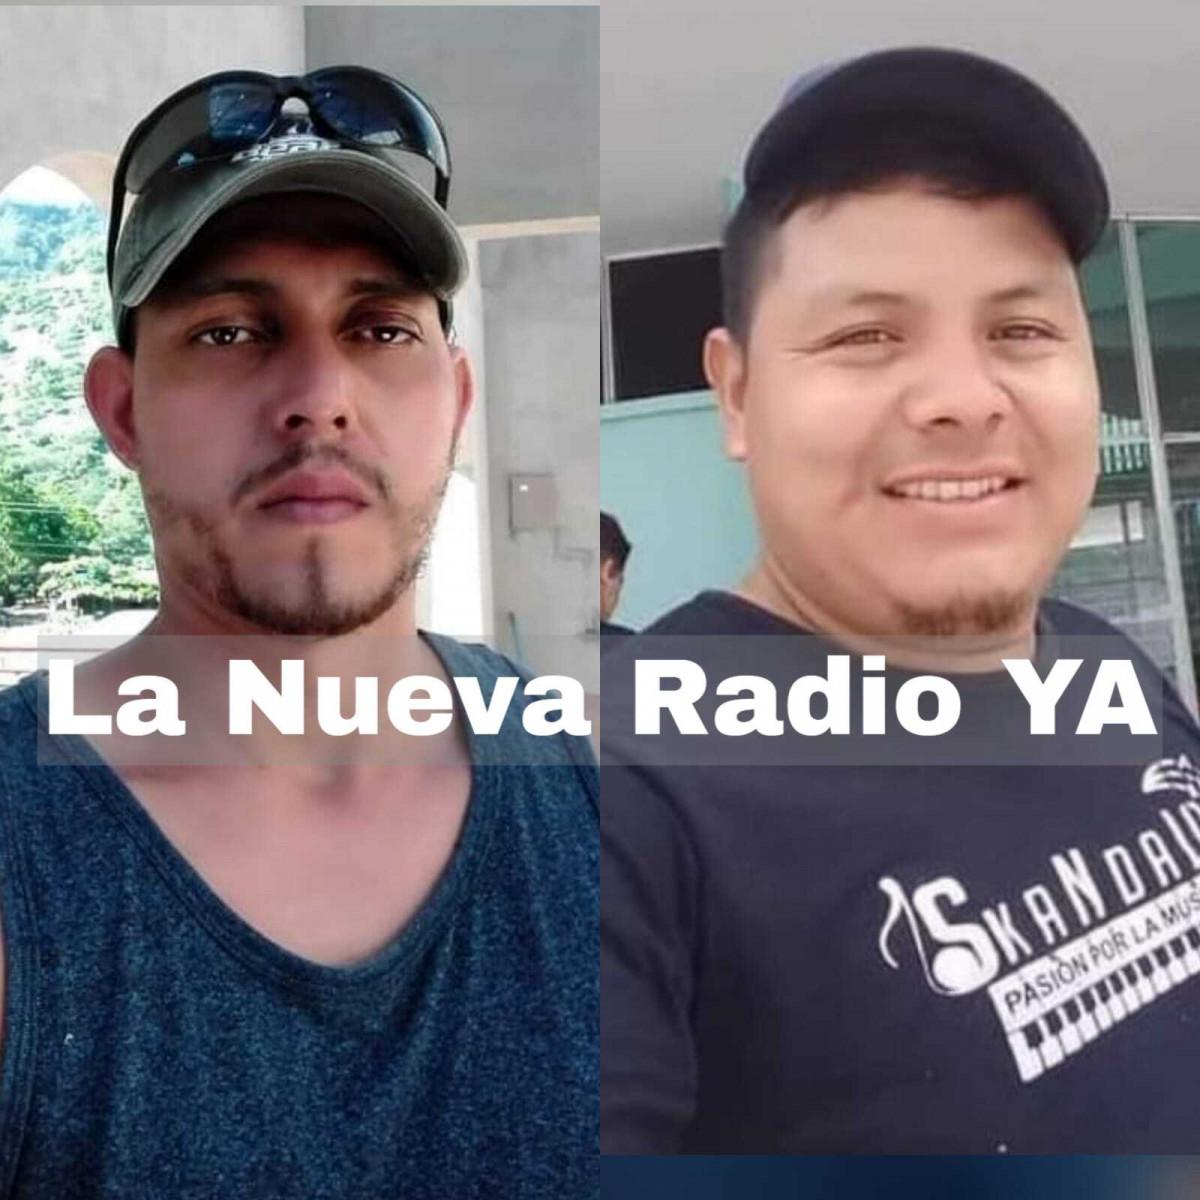 Oscar Fuentes (Fallecido) y Melvin Axel (Herido)